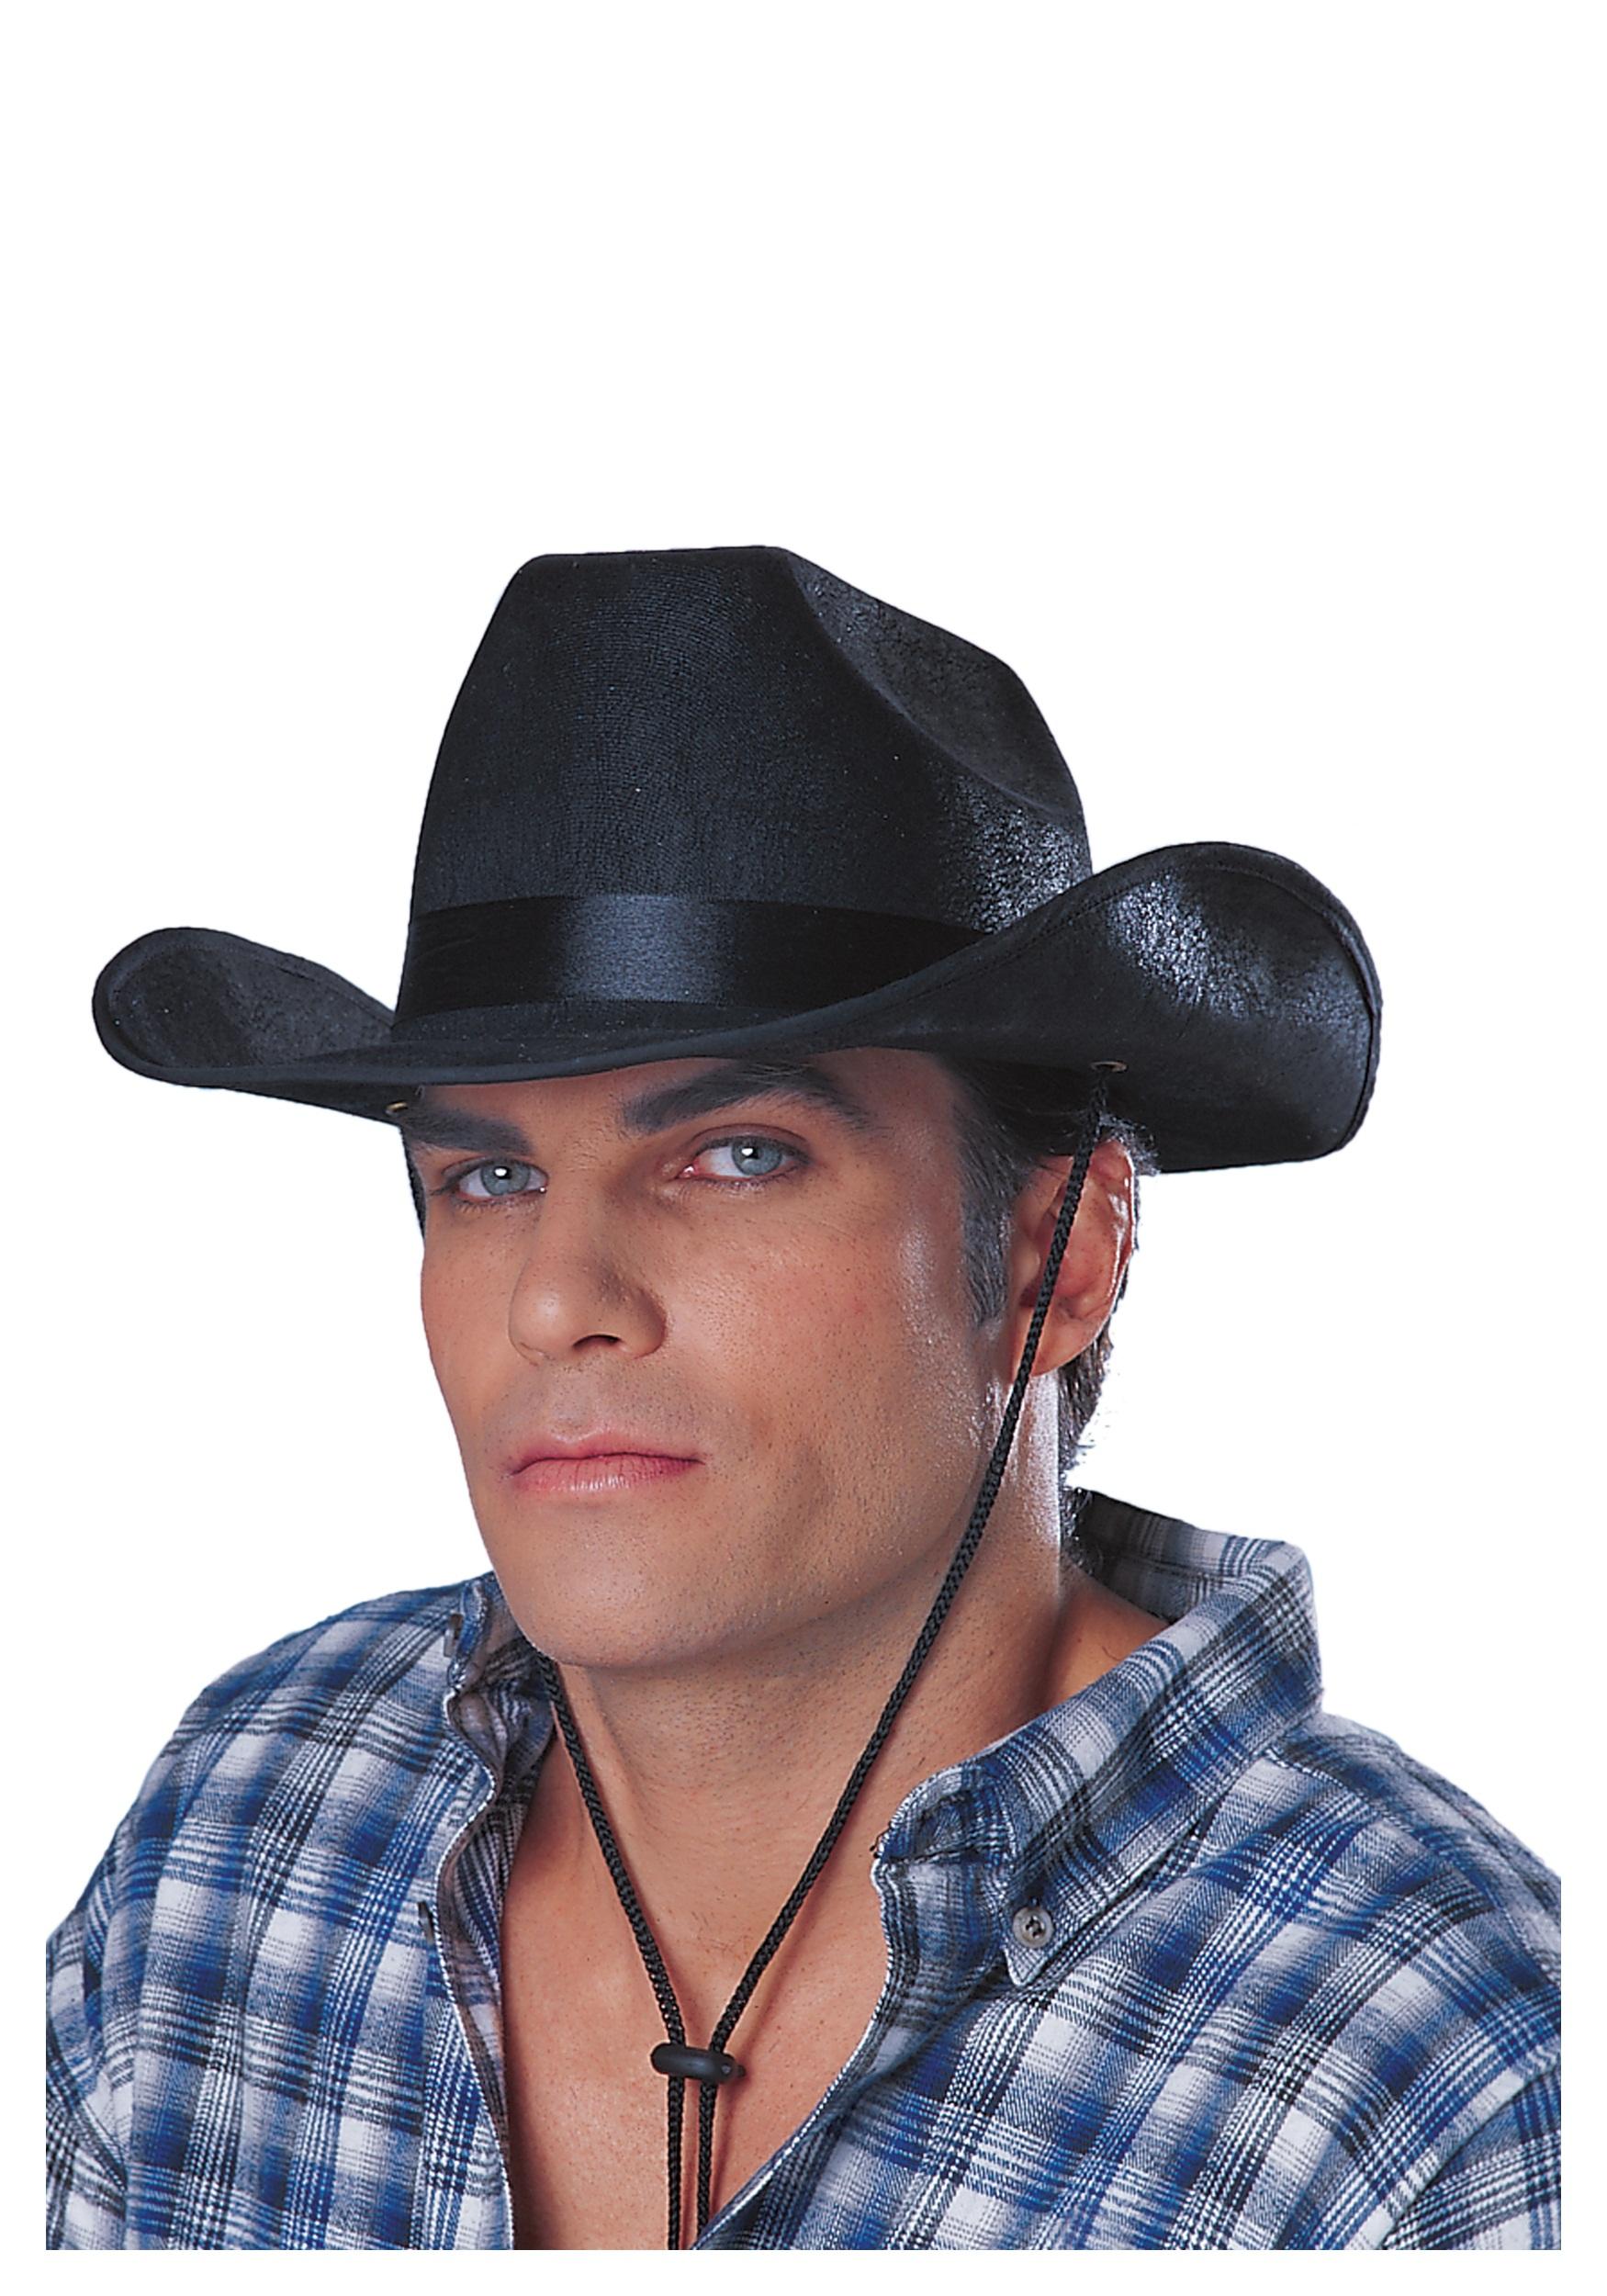 Black Cowboy Rancher Hat 30cc921c7d6